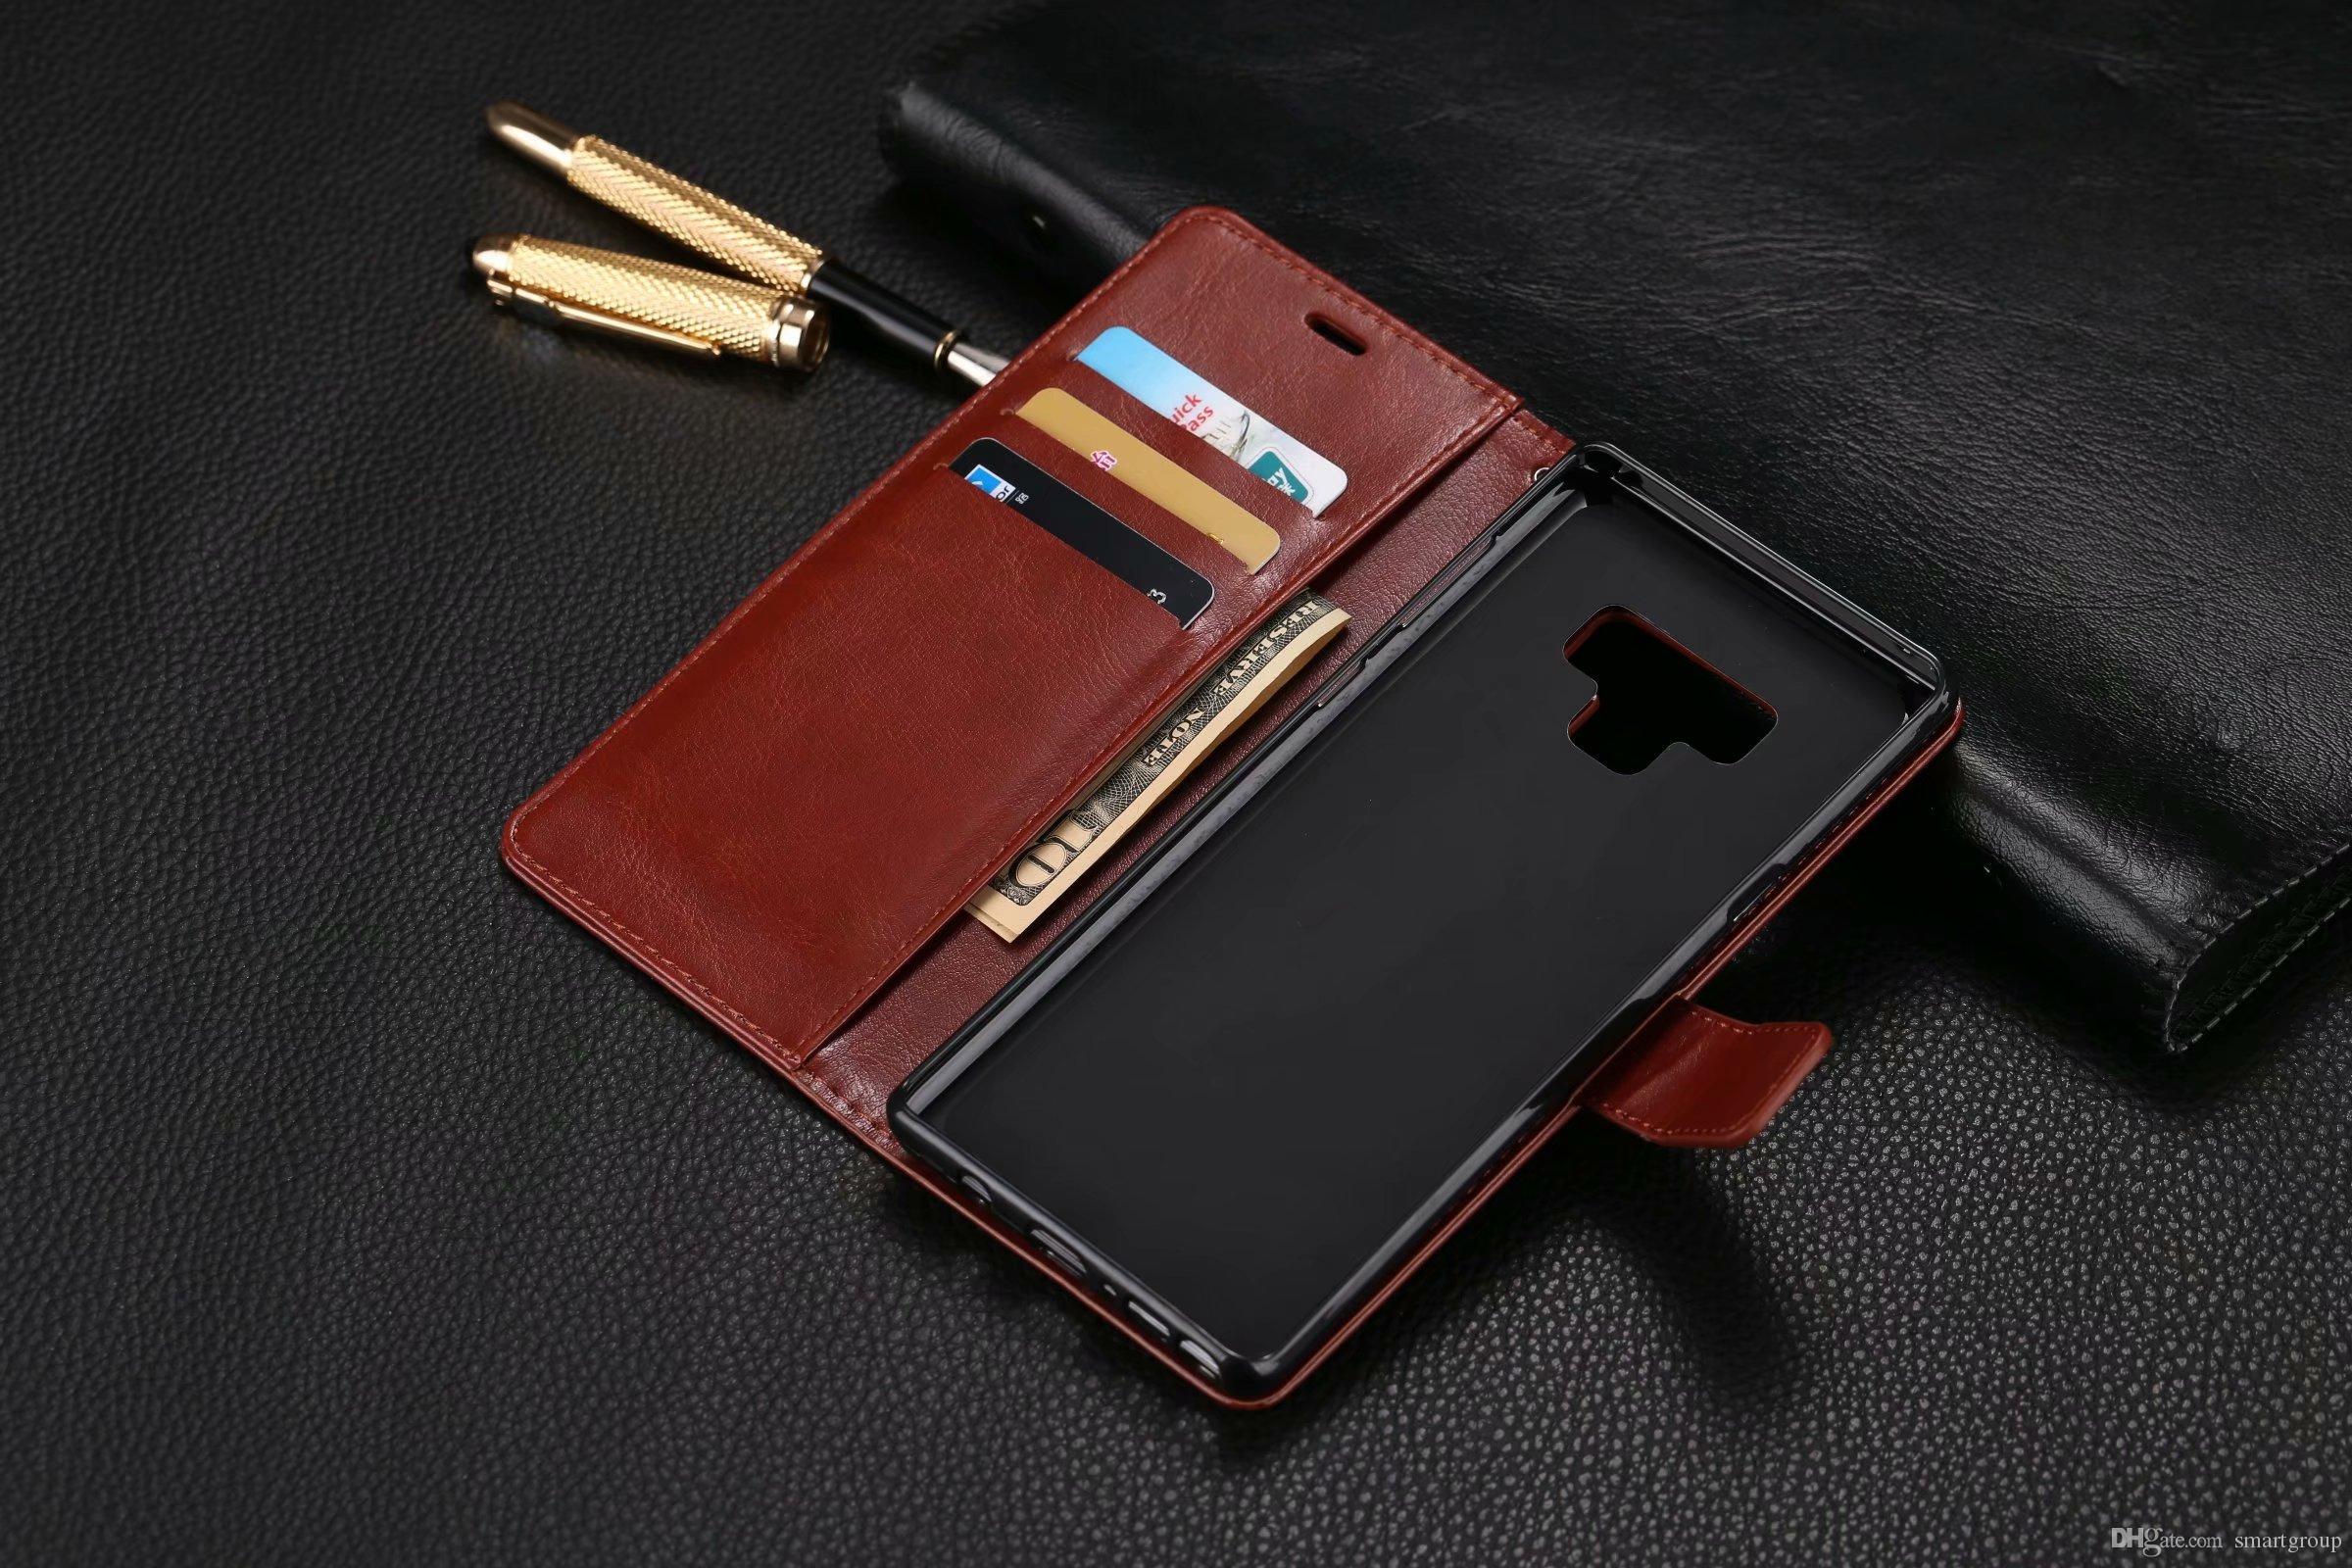 Handyhüllen line Für Samsung Galaxy Note 9 Fall Pu Mappe Heiße Rückseitige Abdeckung Luxus Bunte Flip Ledertasche Für Samsung Galaxy Note 9 Marken